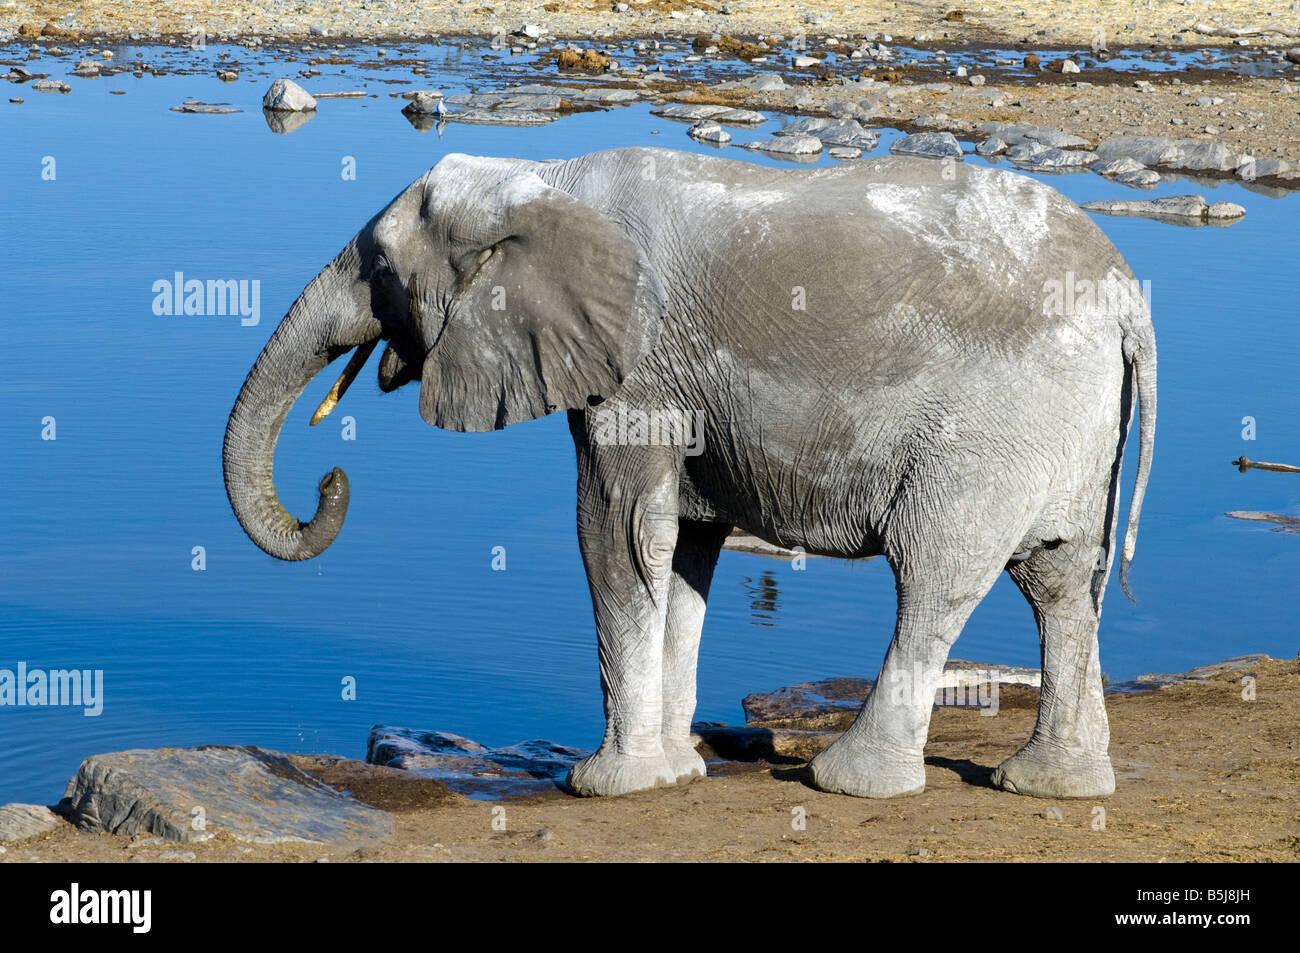 African elephant Loxodonta africana drinking at Halali waterhole Etosha National Park Namibia - Stock Image